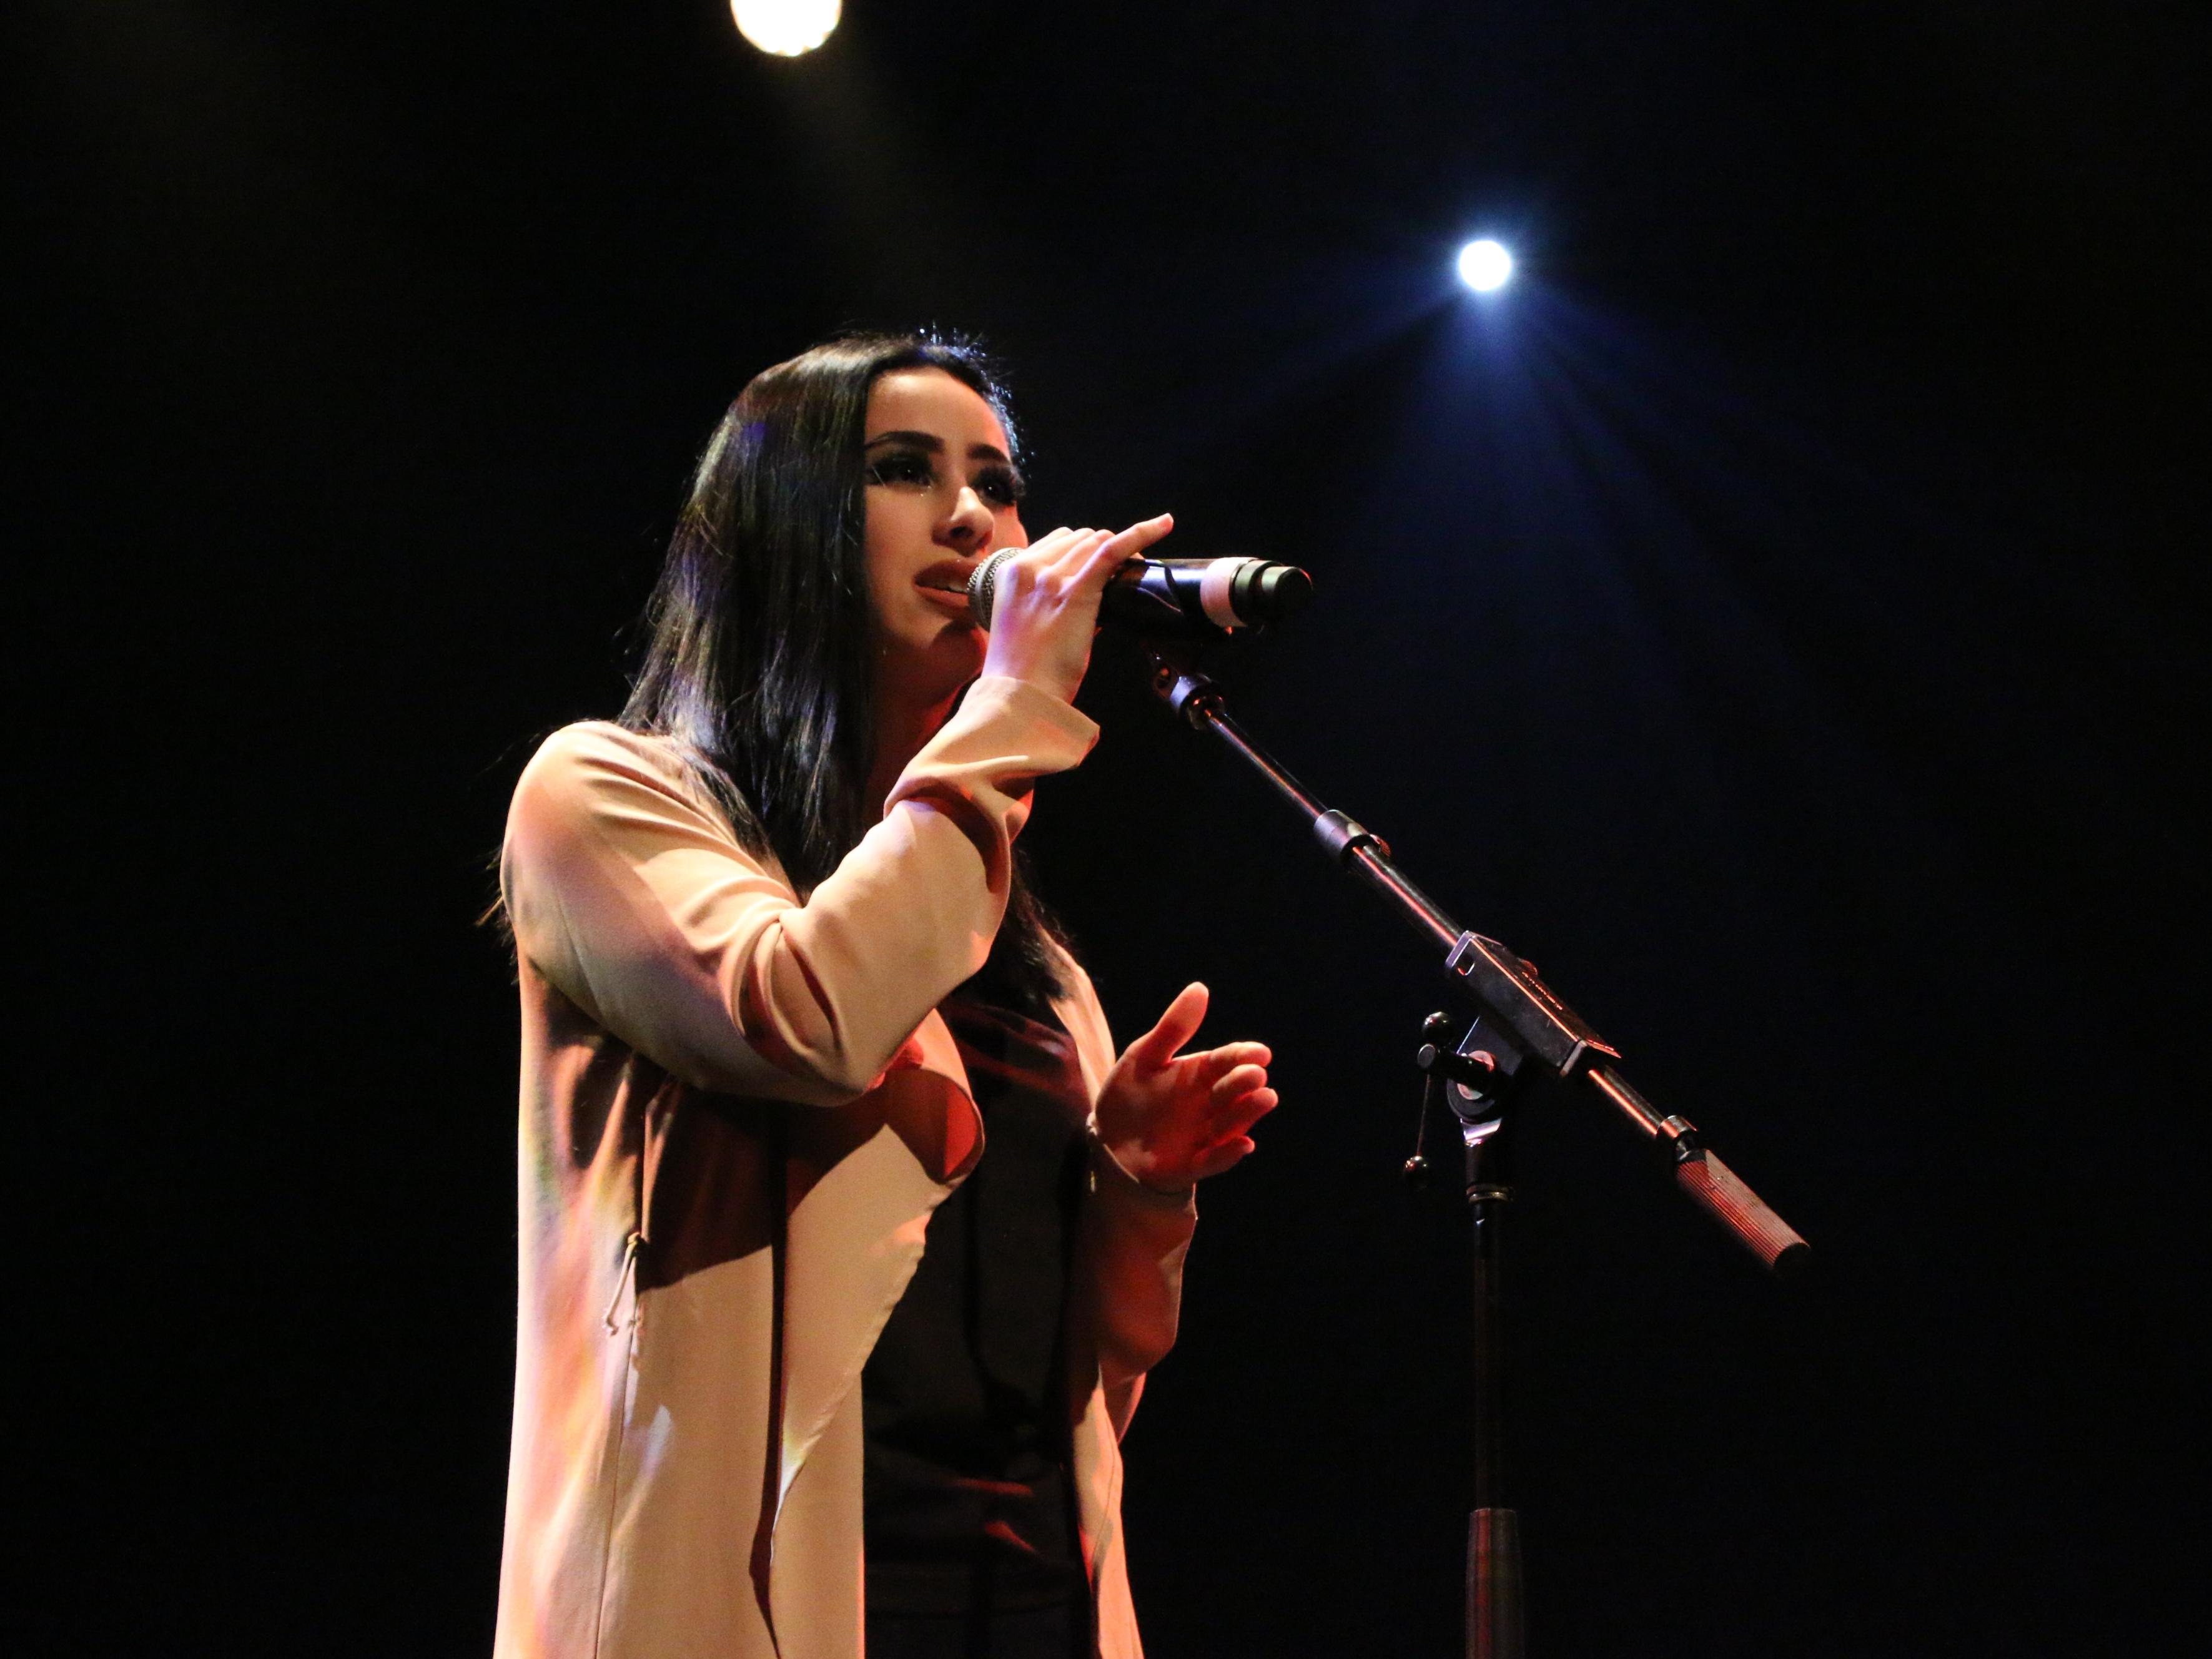 Shanie-Laurence Brouillette, étudiante en Arts, lettres et communication, profil Communication et médias, a remporté le Prix Festival international de la chanson de Granby de la finale nationale de Cégeps en spectacle.